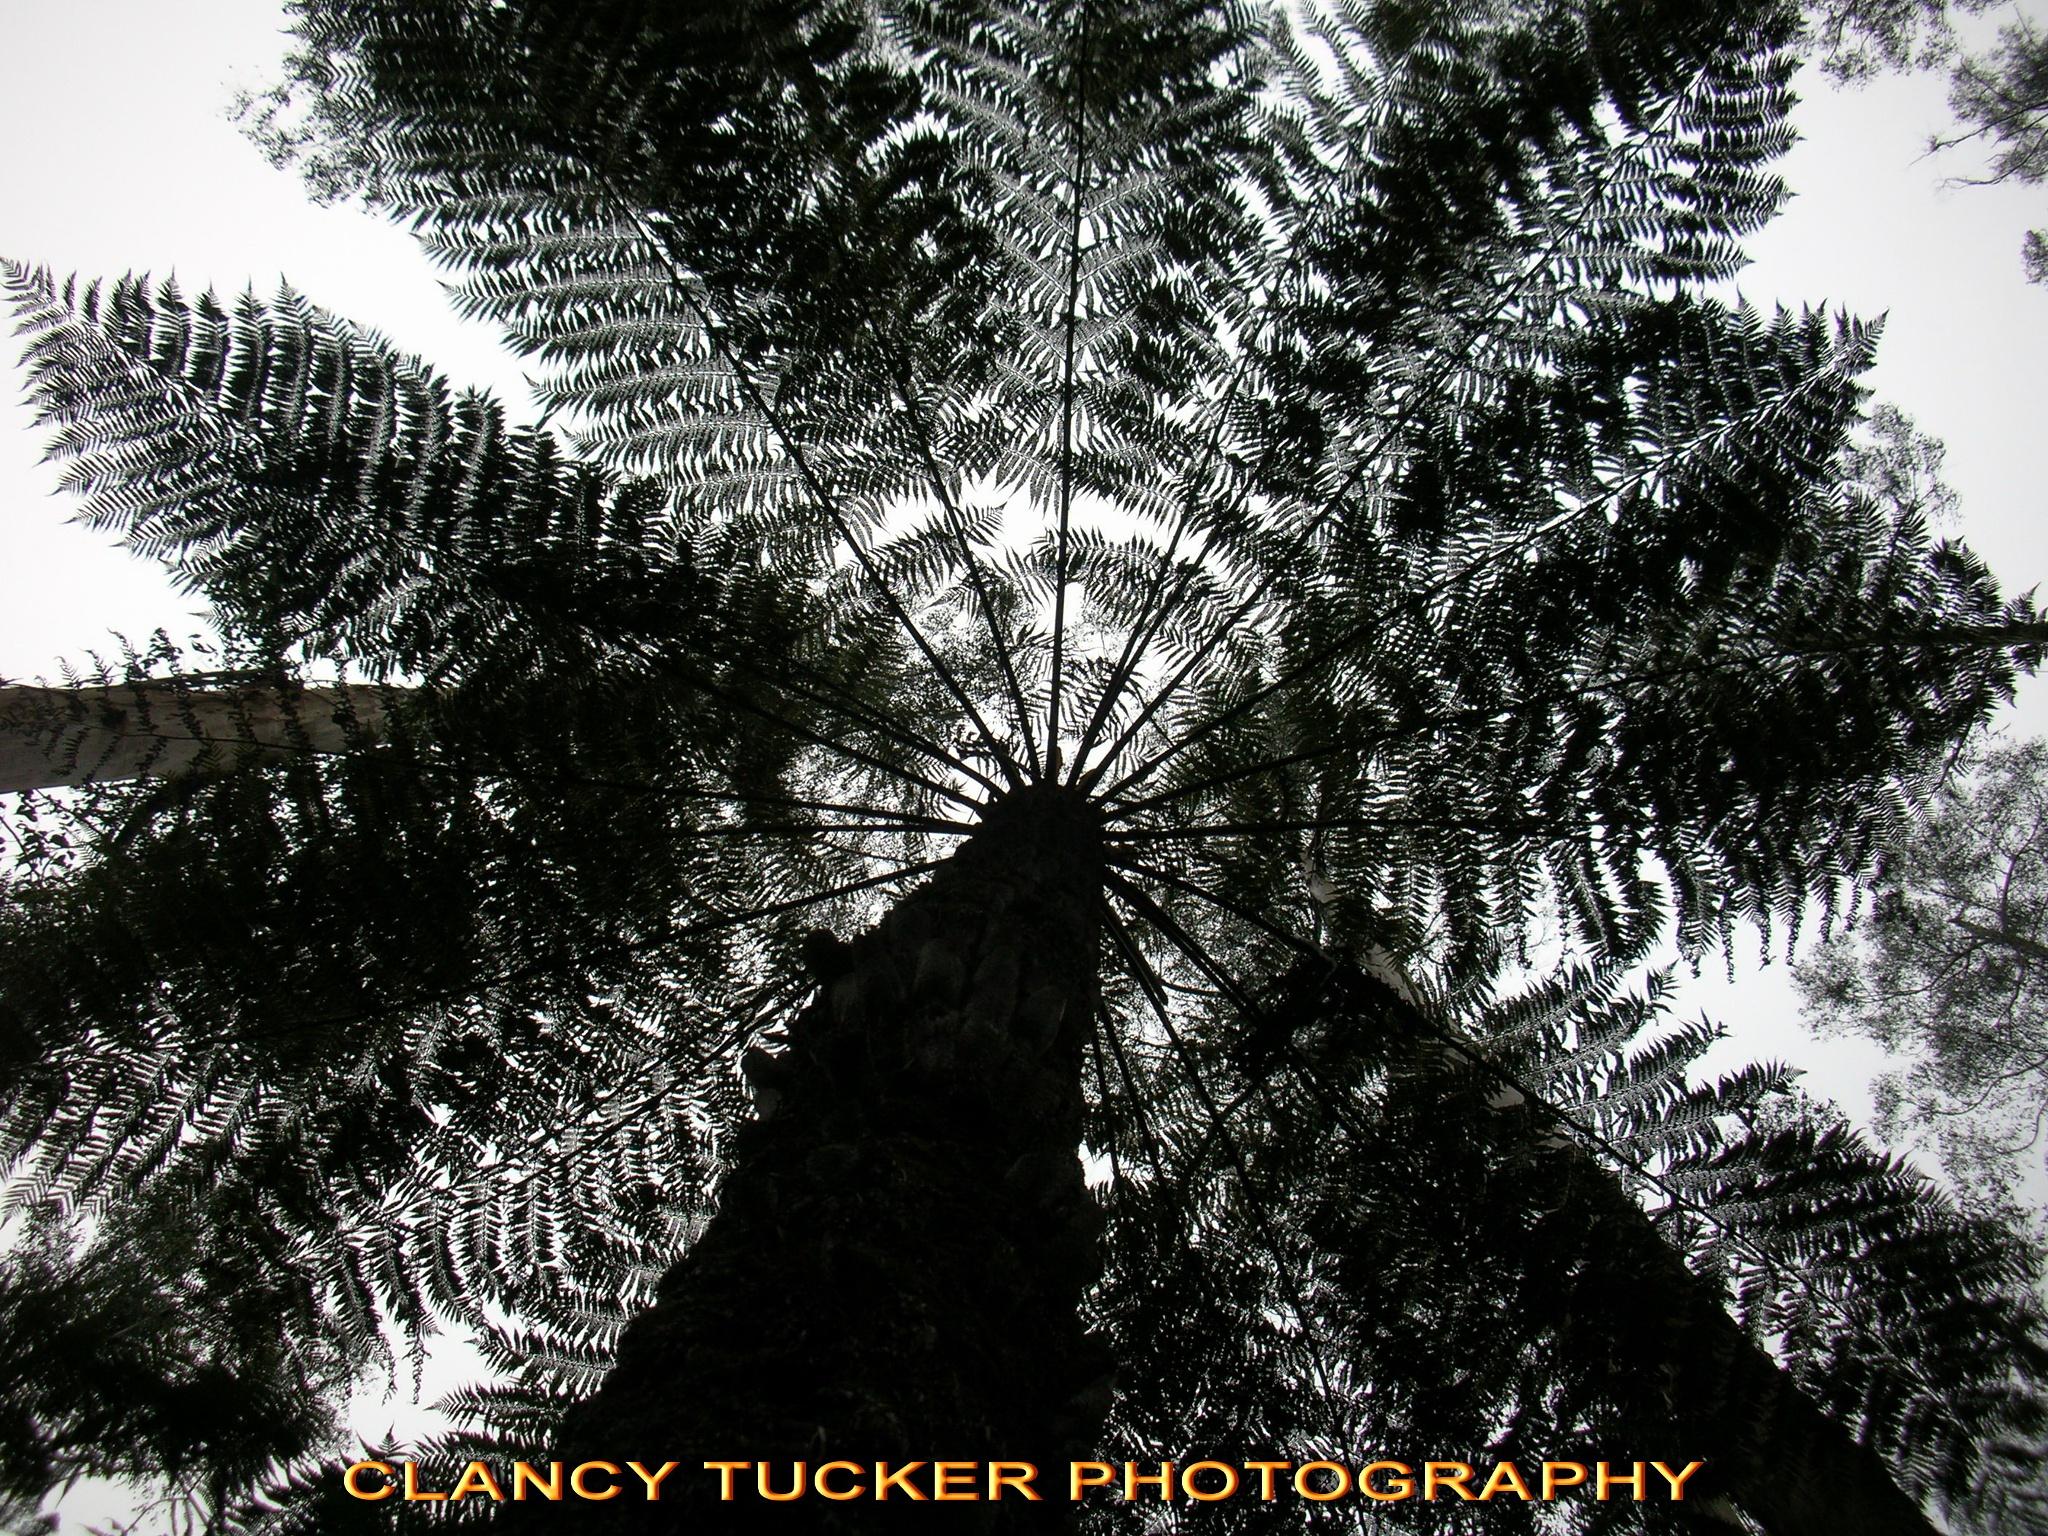 Tree fern by Clancy Tucker